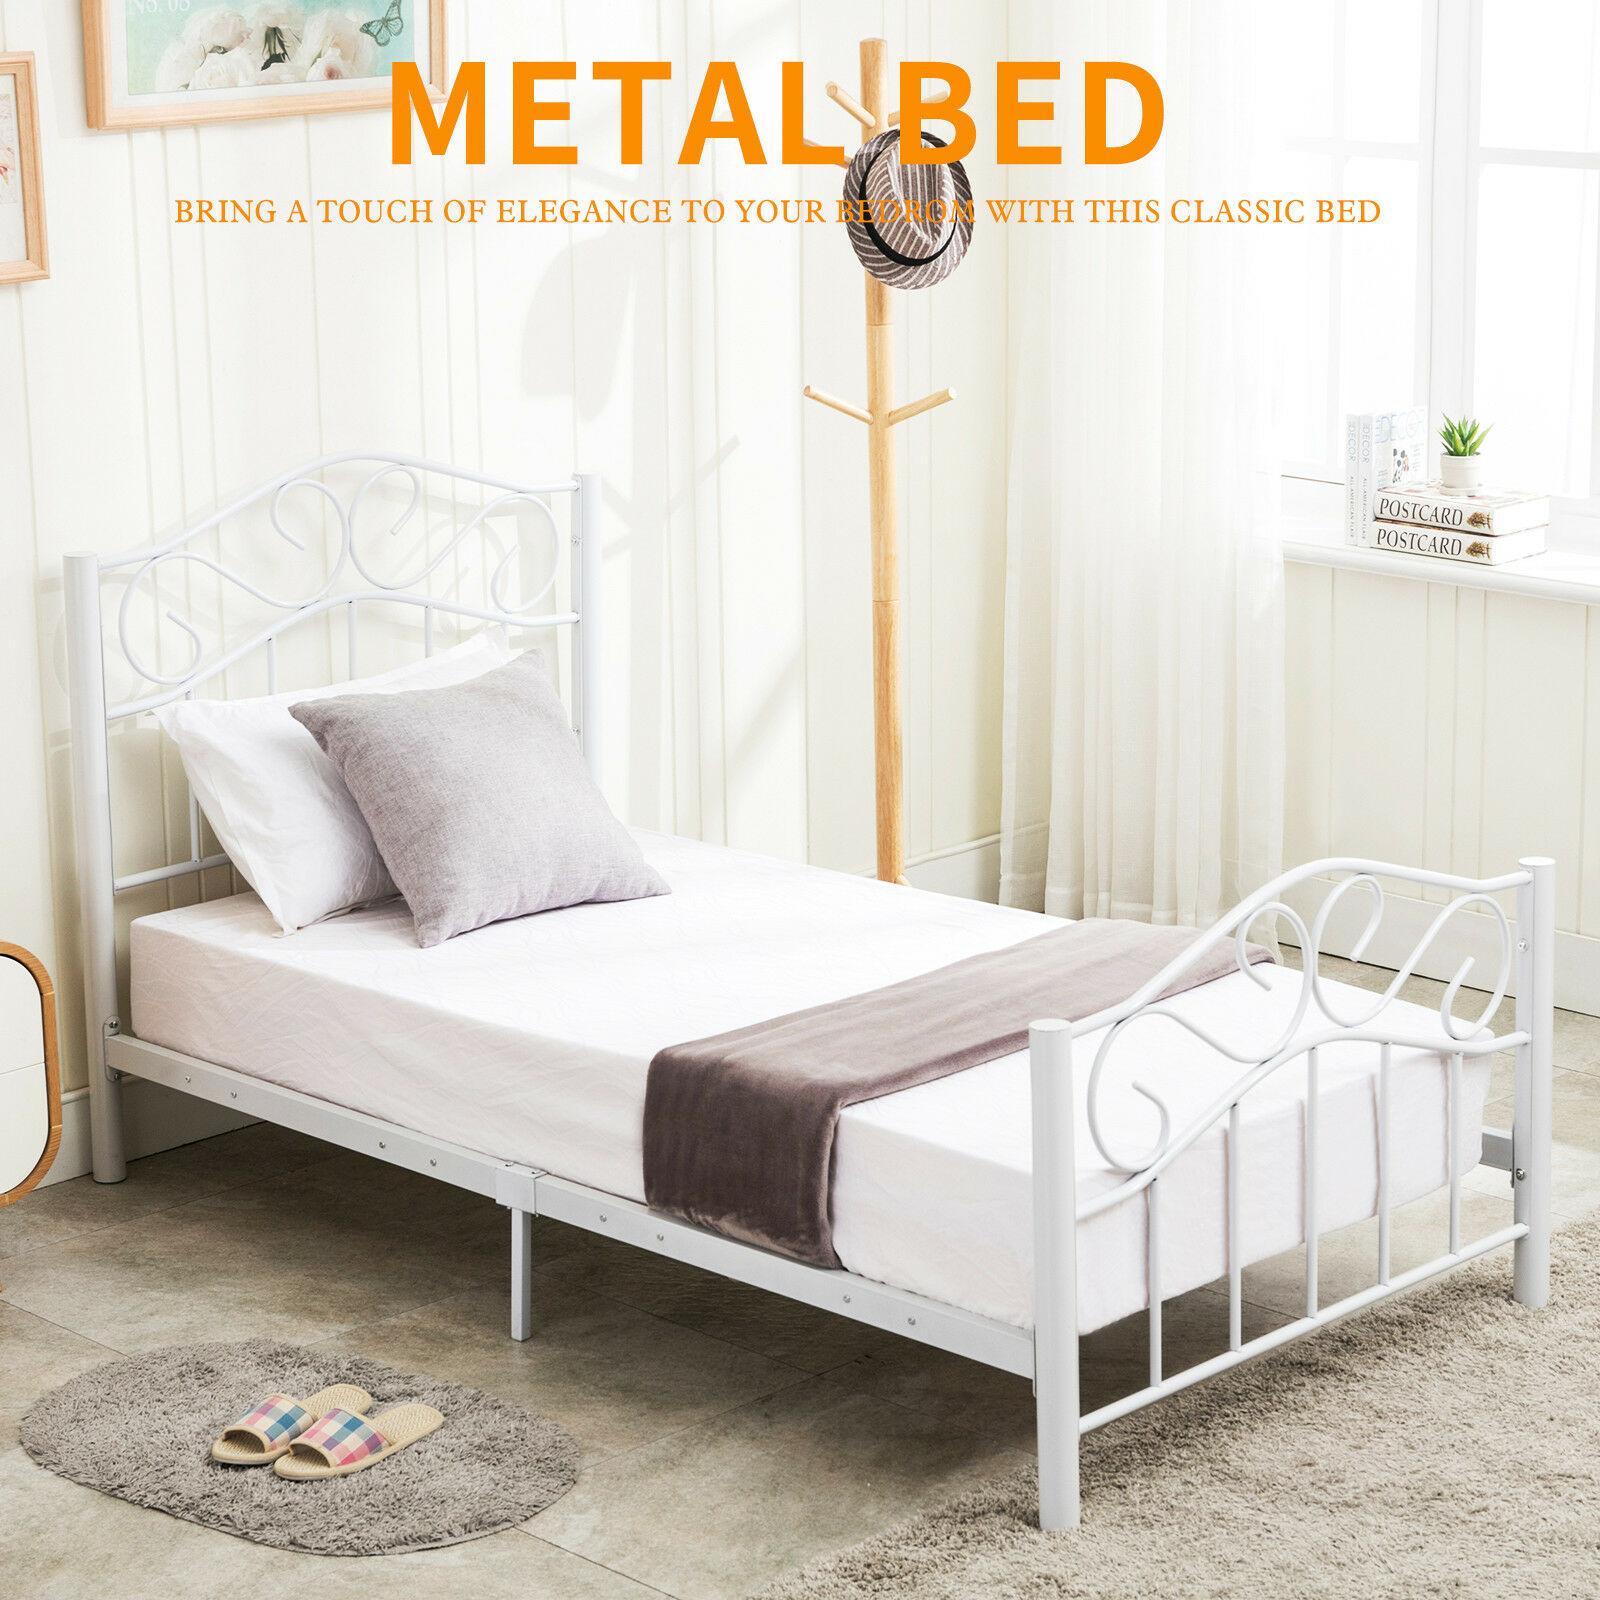 best service 31047 80f7f daisybuy66: Twin Size Heavy Duty Metal Bed Frame Headboard Footboard  Bedroom Furniture White | Rakuten.com